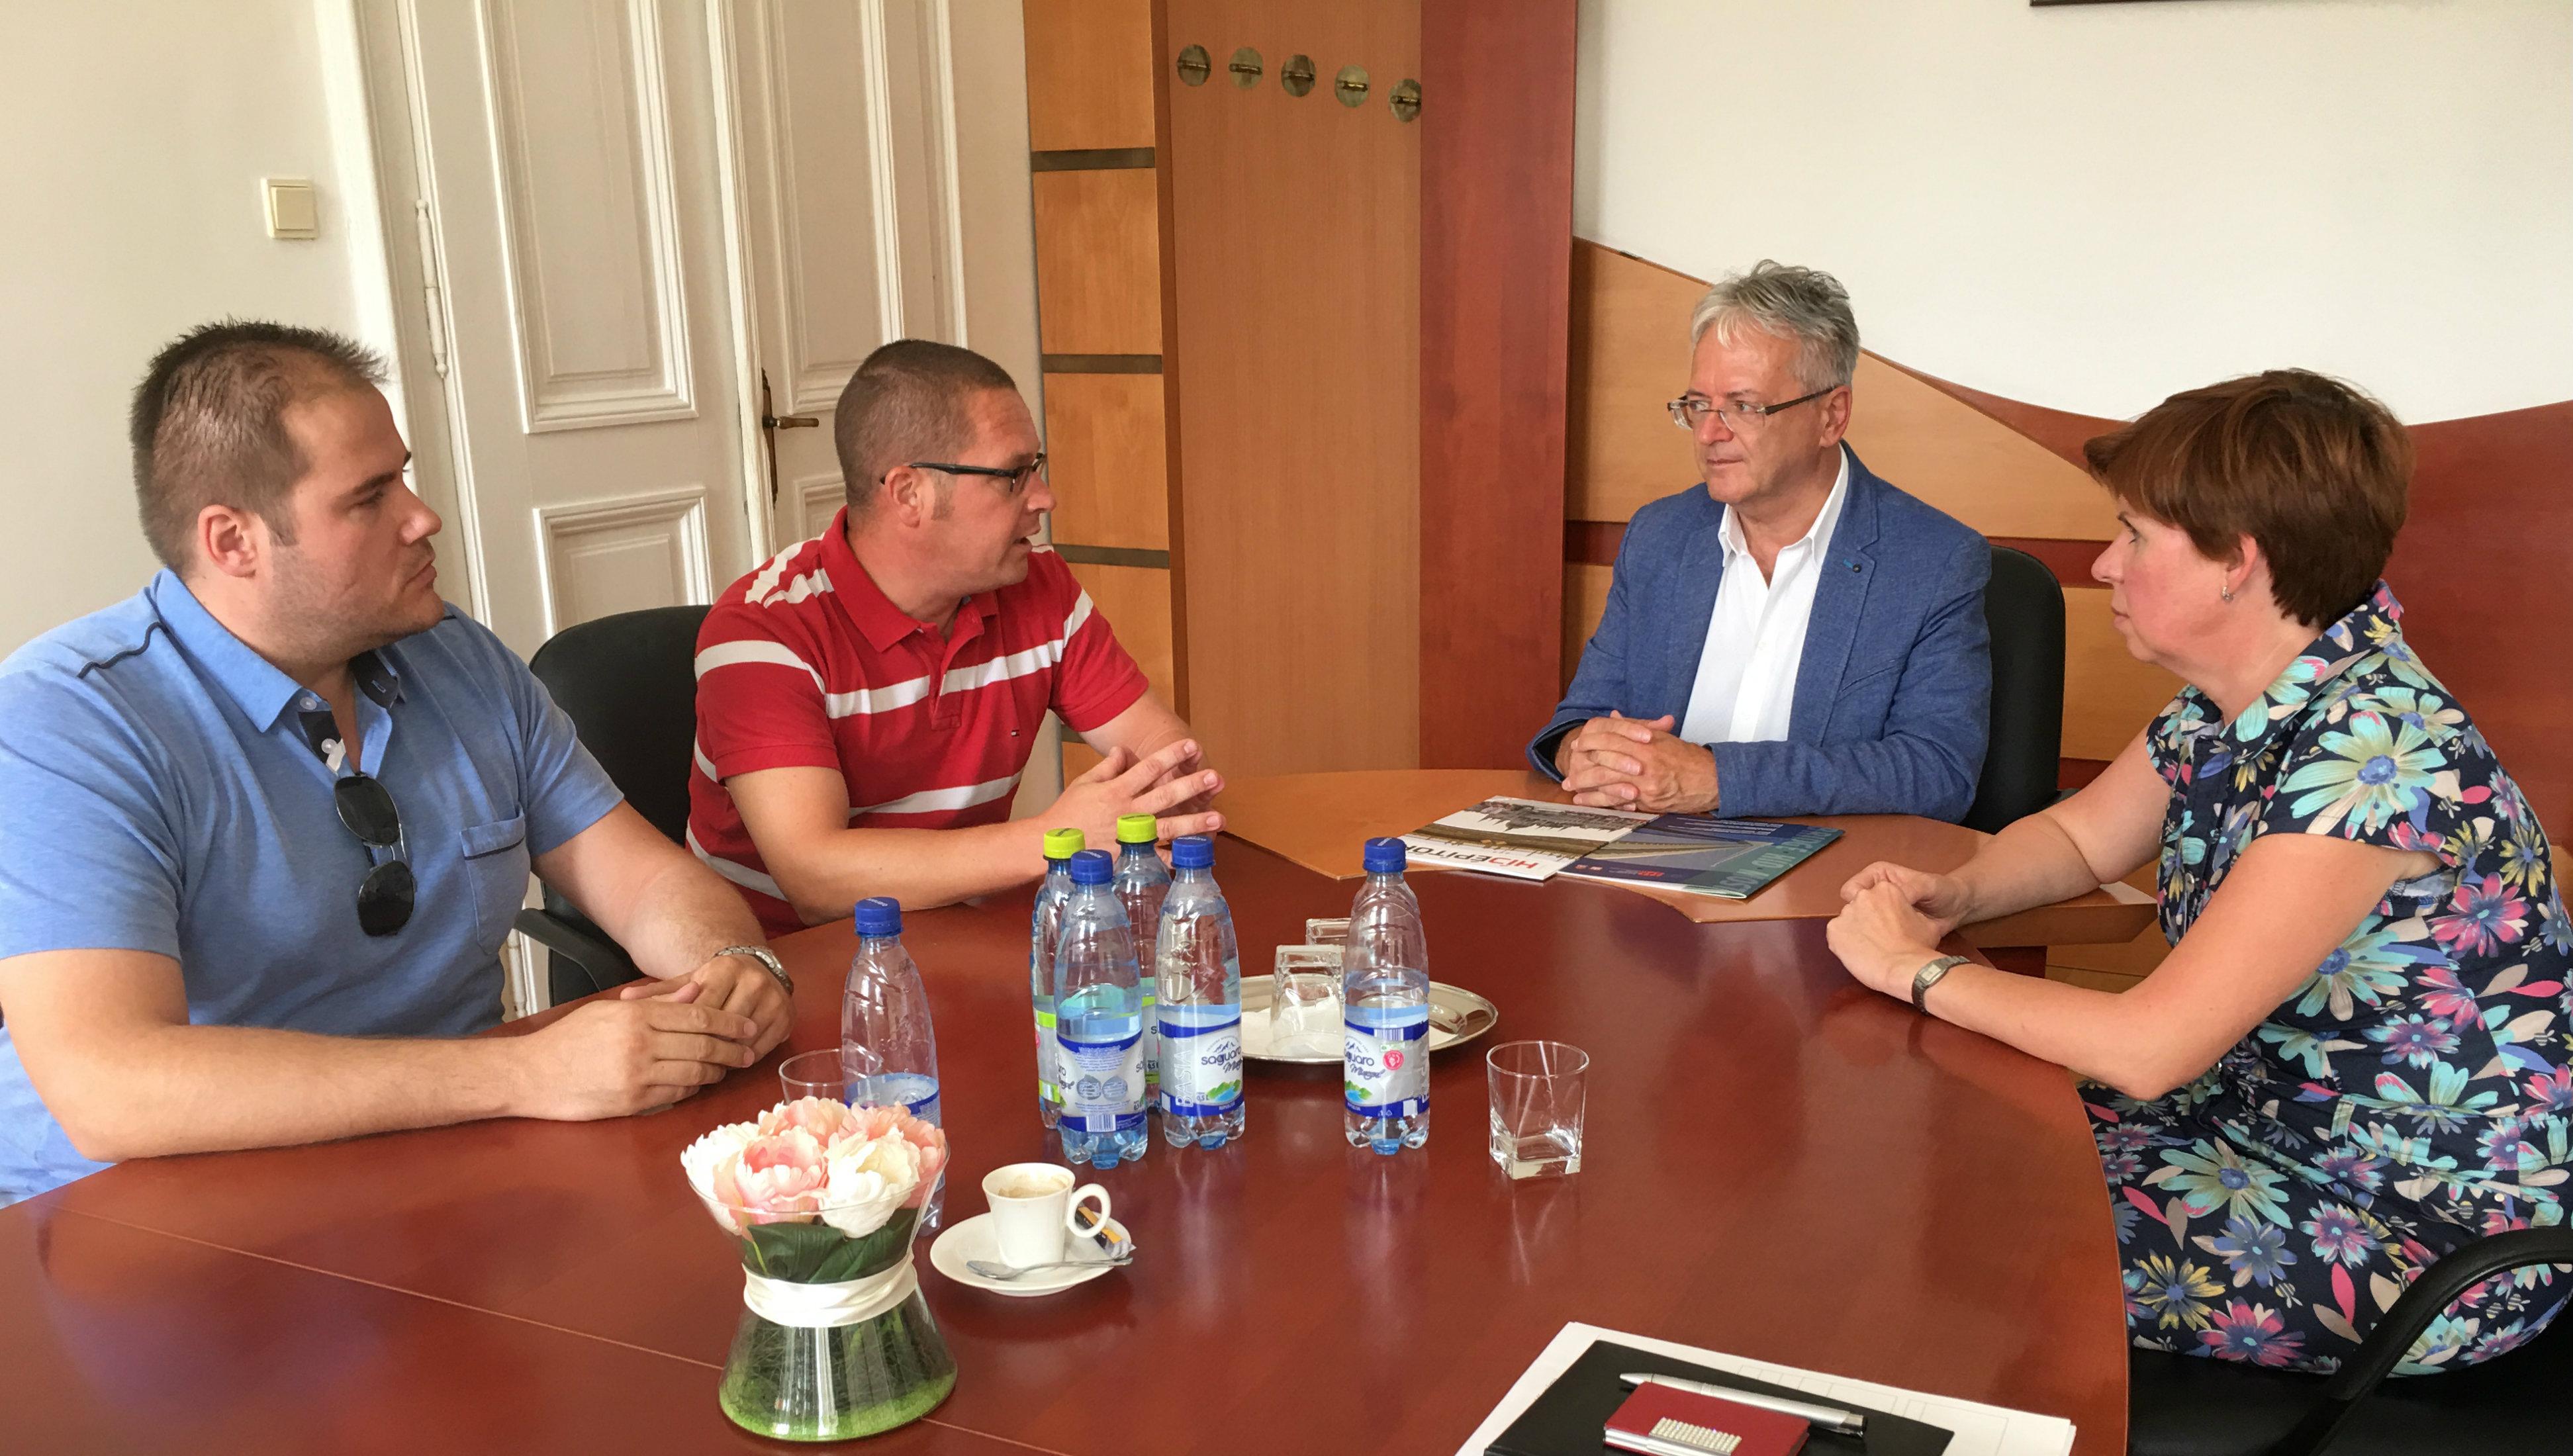 Szia komárom - Elkezdődnek az új komáromi Duna-híd építkezési munkálatai